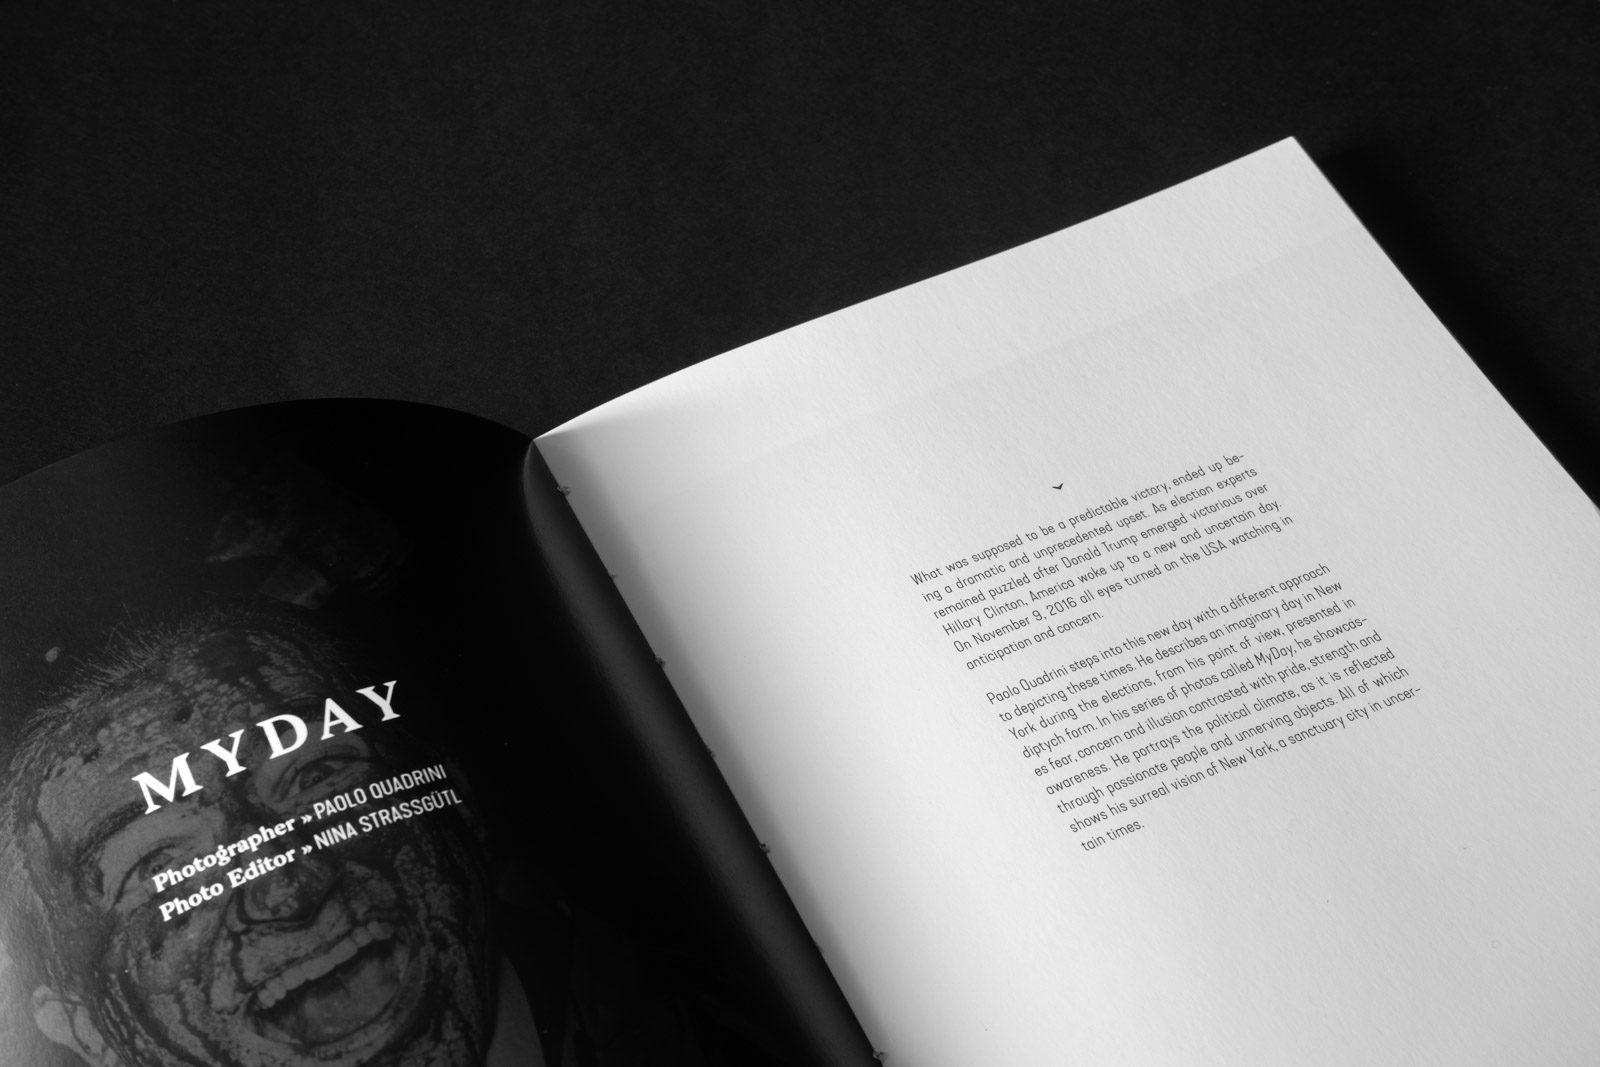 Editienne Grafikdesign - Kommunikationsdesign Berlin- Buchgestaltung und Coverdesign Fotobuch Out of Place 2